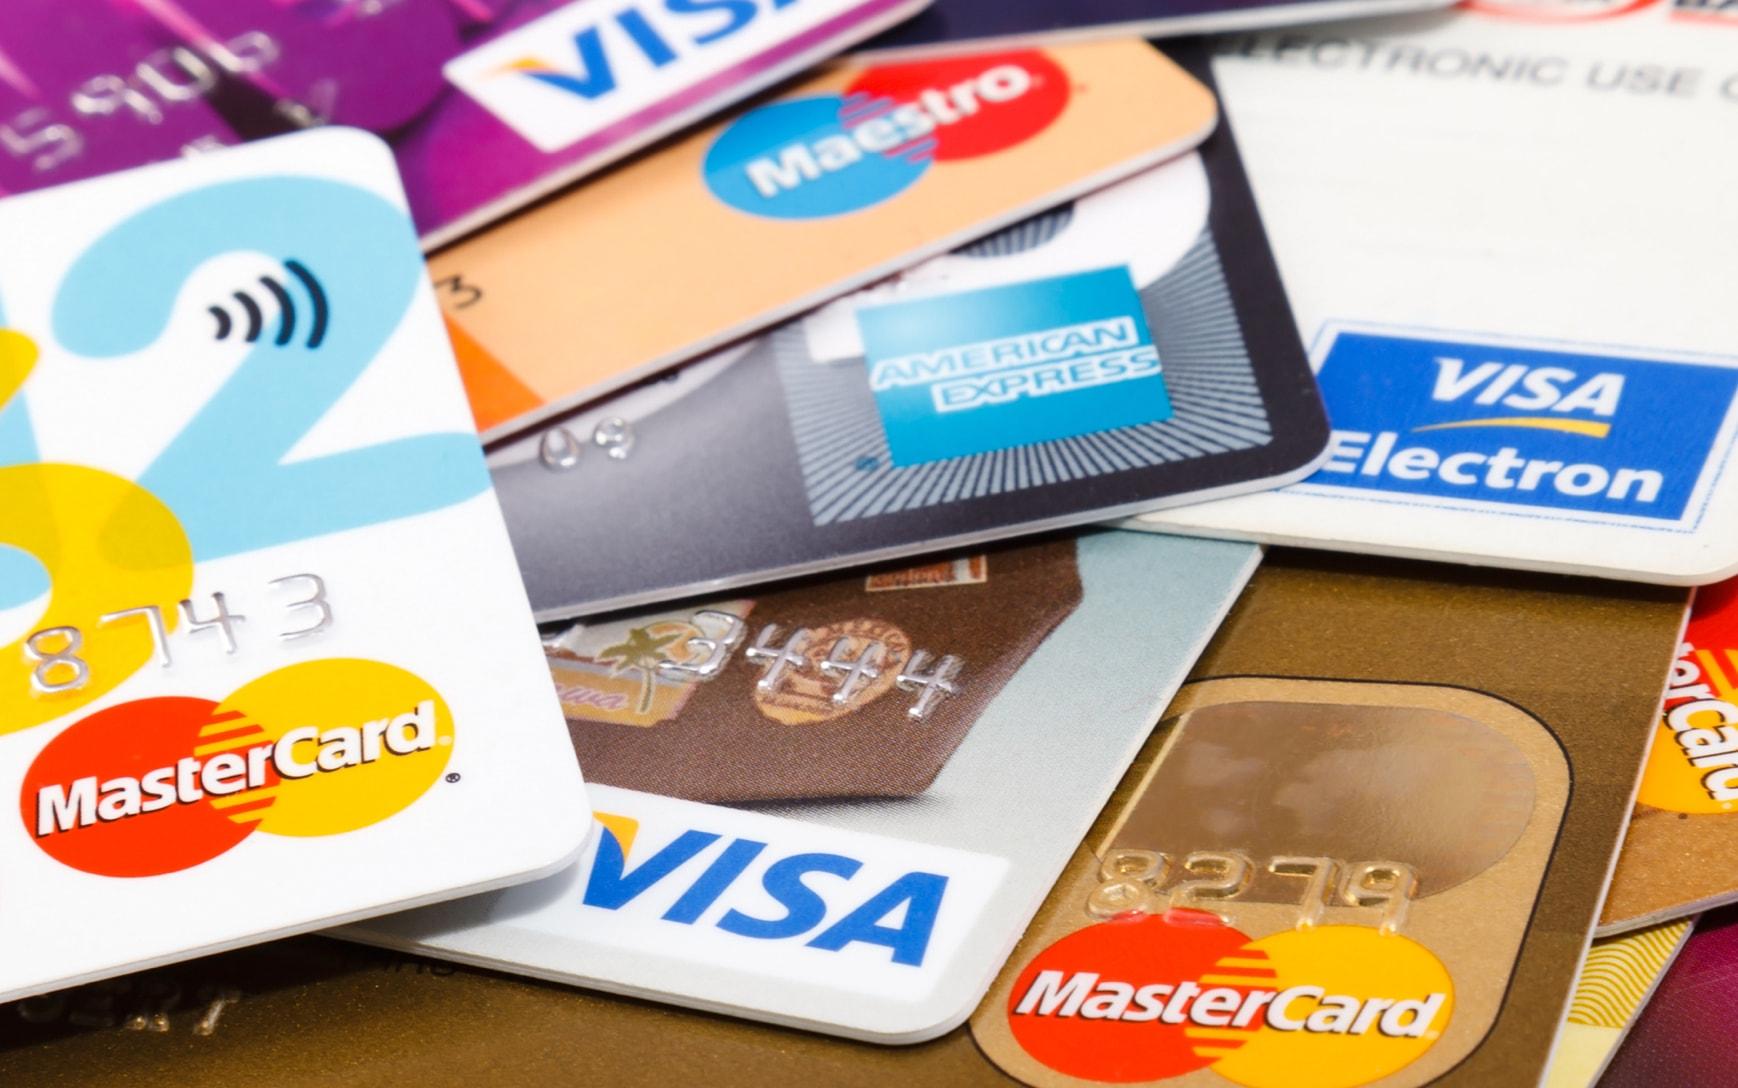 Россияне стали реже оплачивать онлайн-покупки банковскими картами